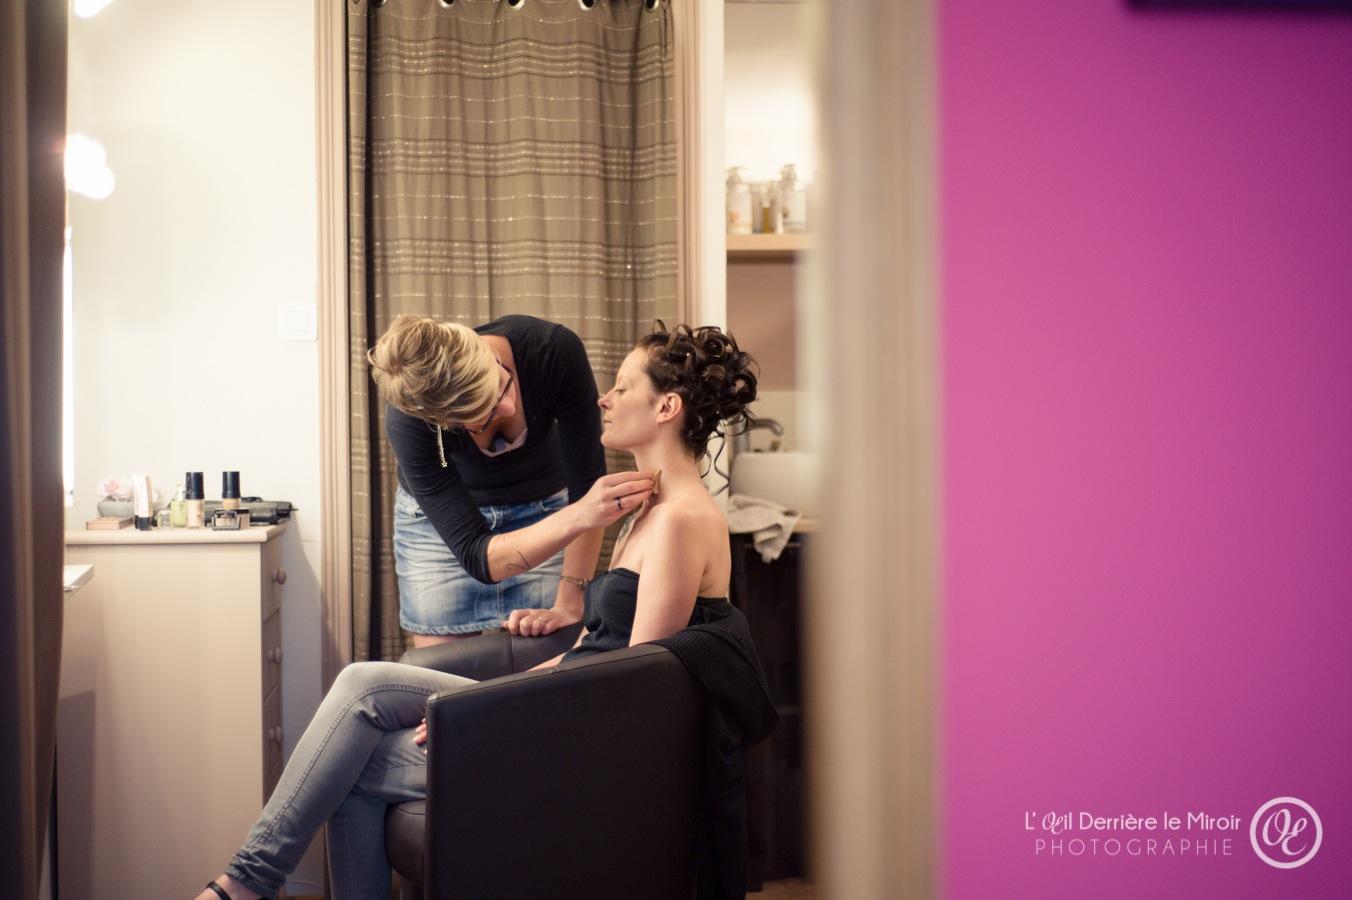 Photographe de mariage Var L'OEil Derrière le Miroir